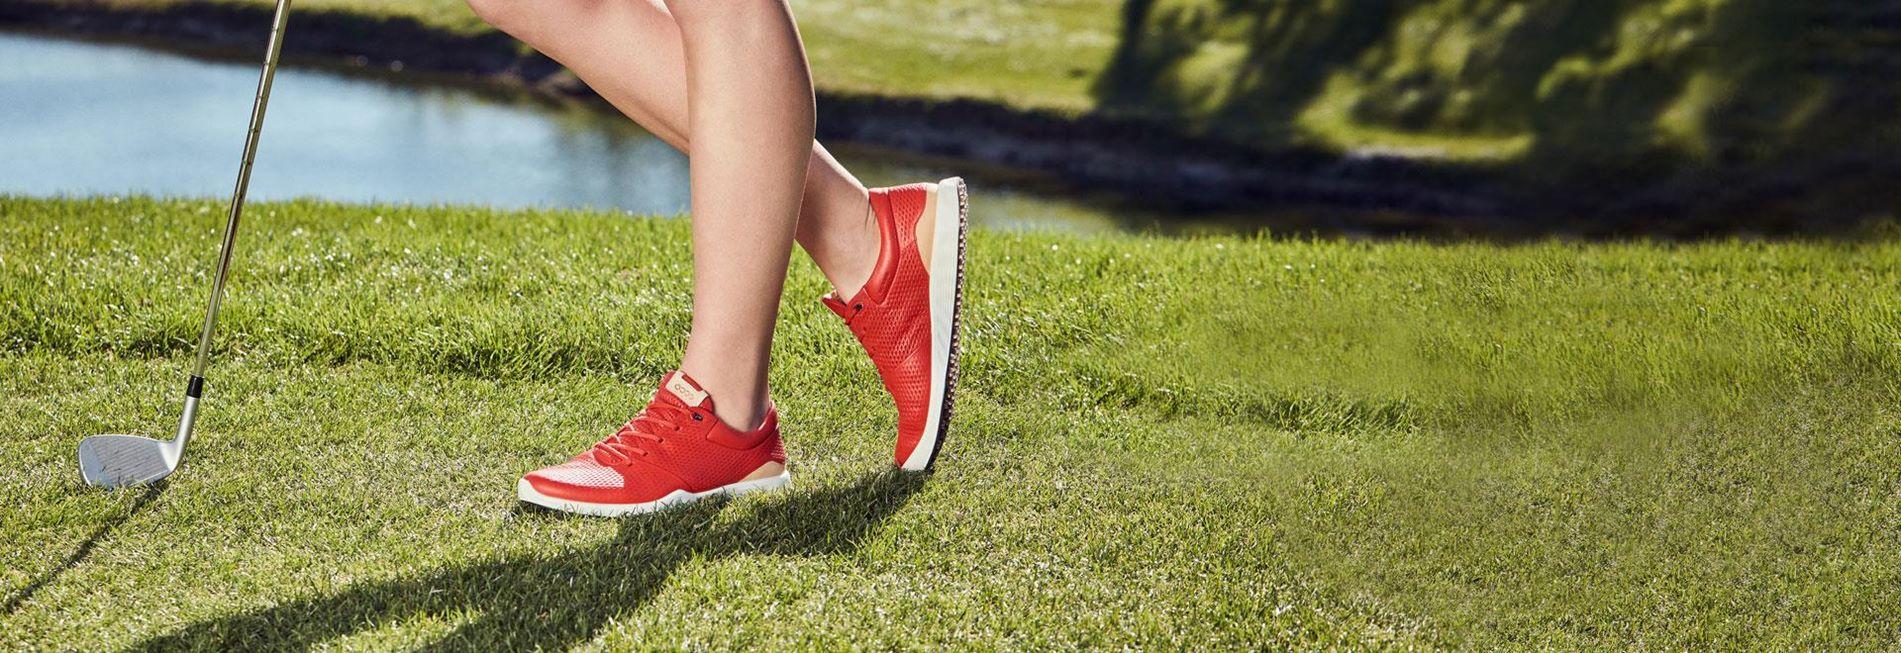 a160b550e تعد ECCO شركة رائدة عالمياً في مجال الأحذية المبتكرة والمريحة للرجال ...